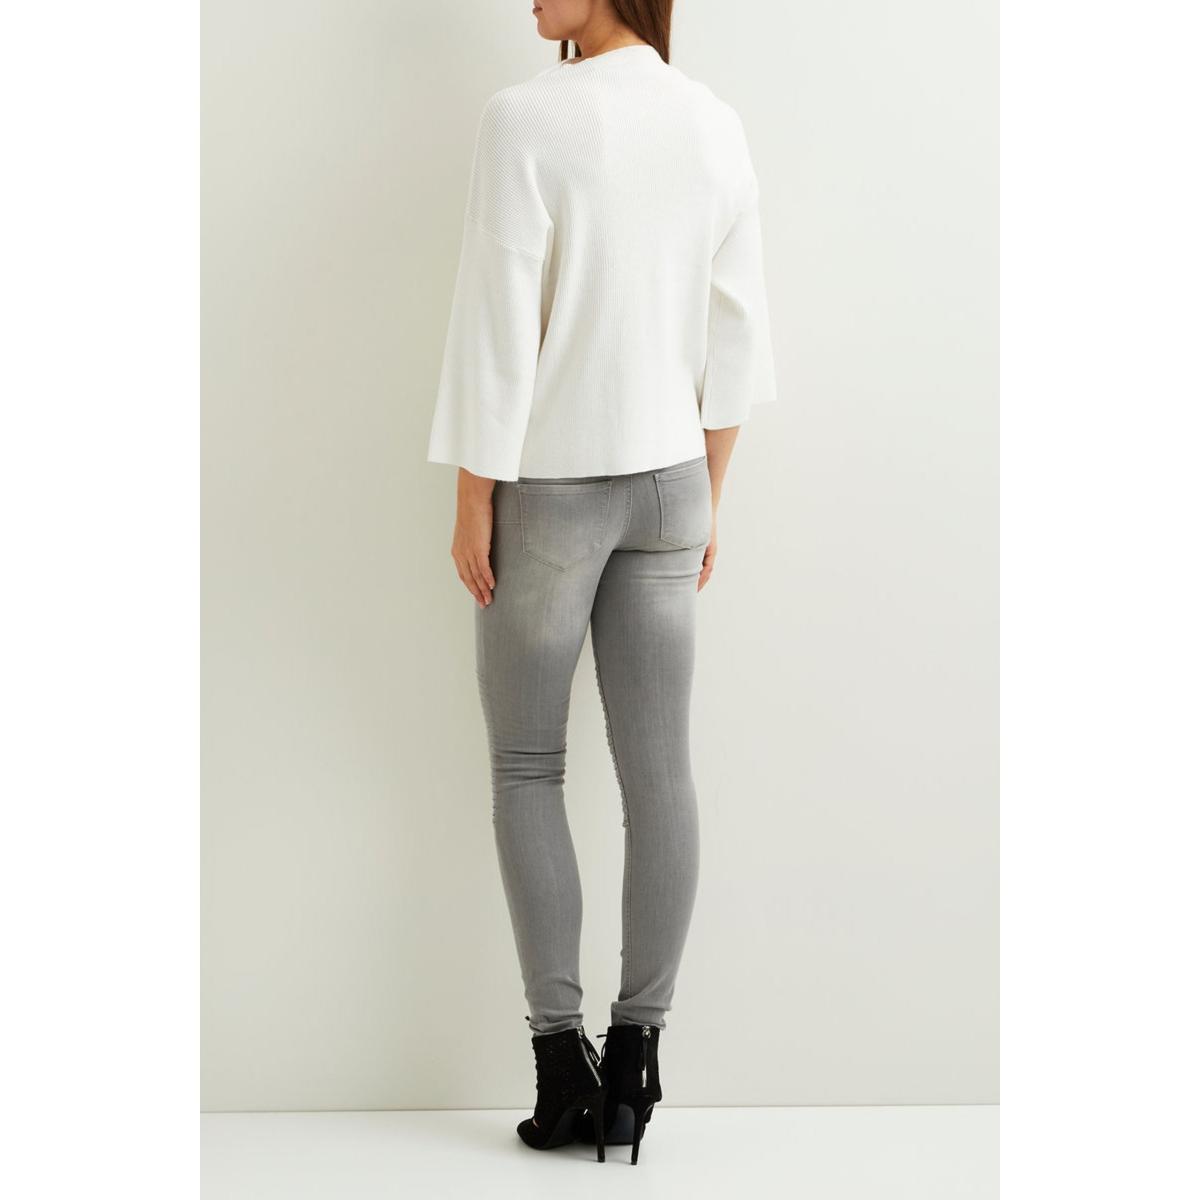 objskinny sally obb269 95 23026194 object jeans light grey denim